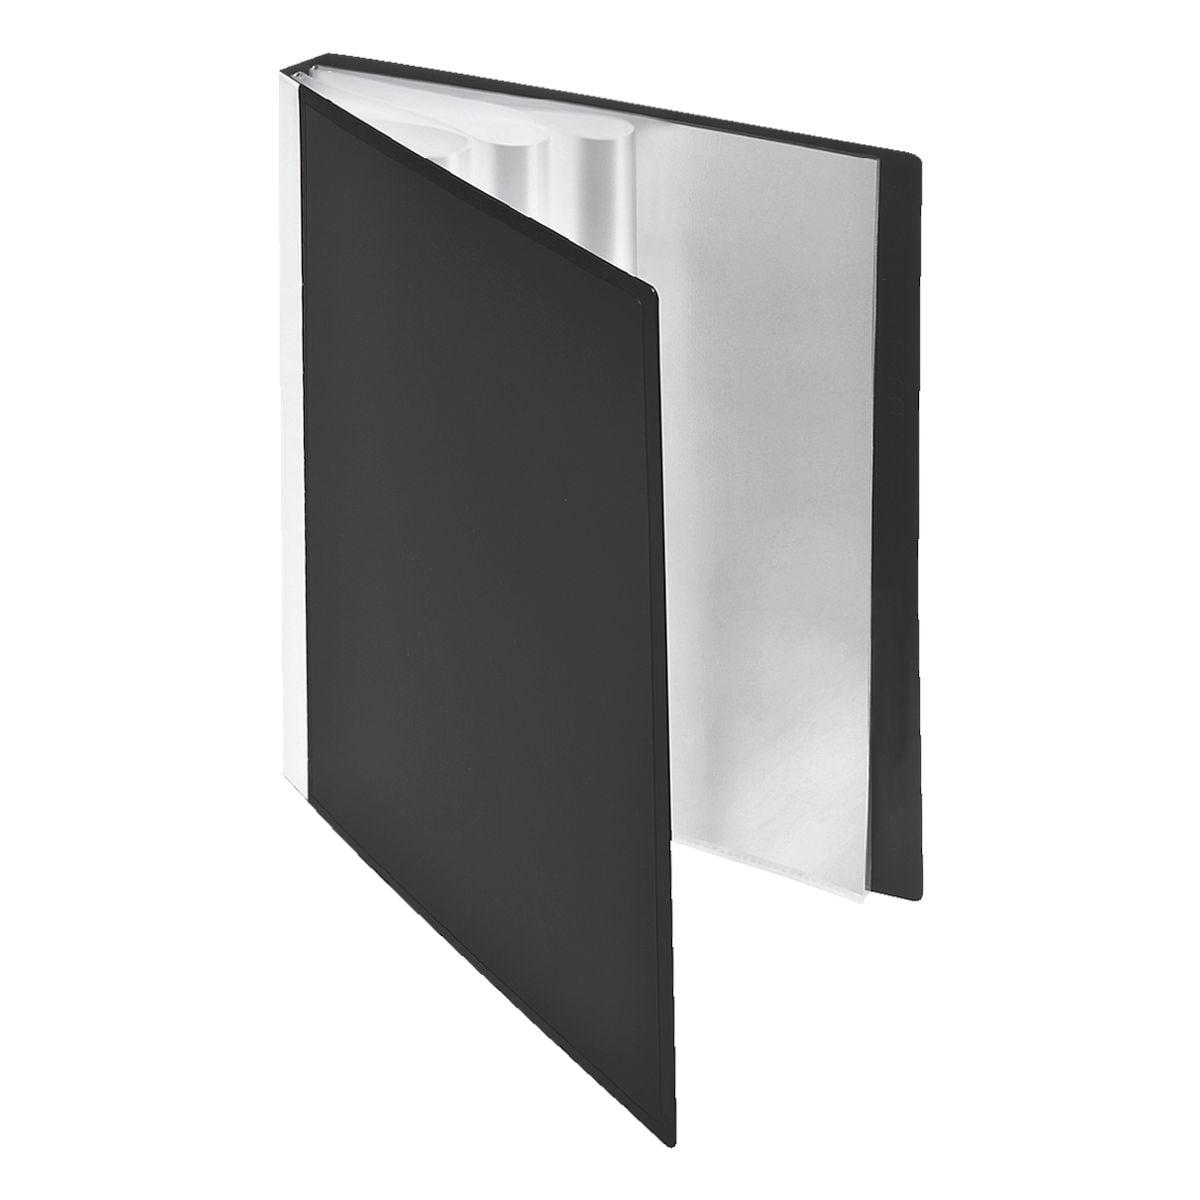 Foldersys Präsentations-Sichtbuch »Premium« 40 Hüllen